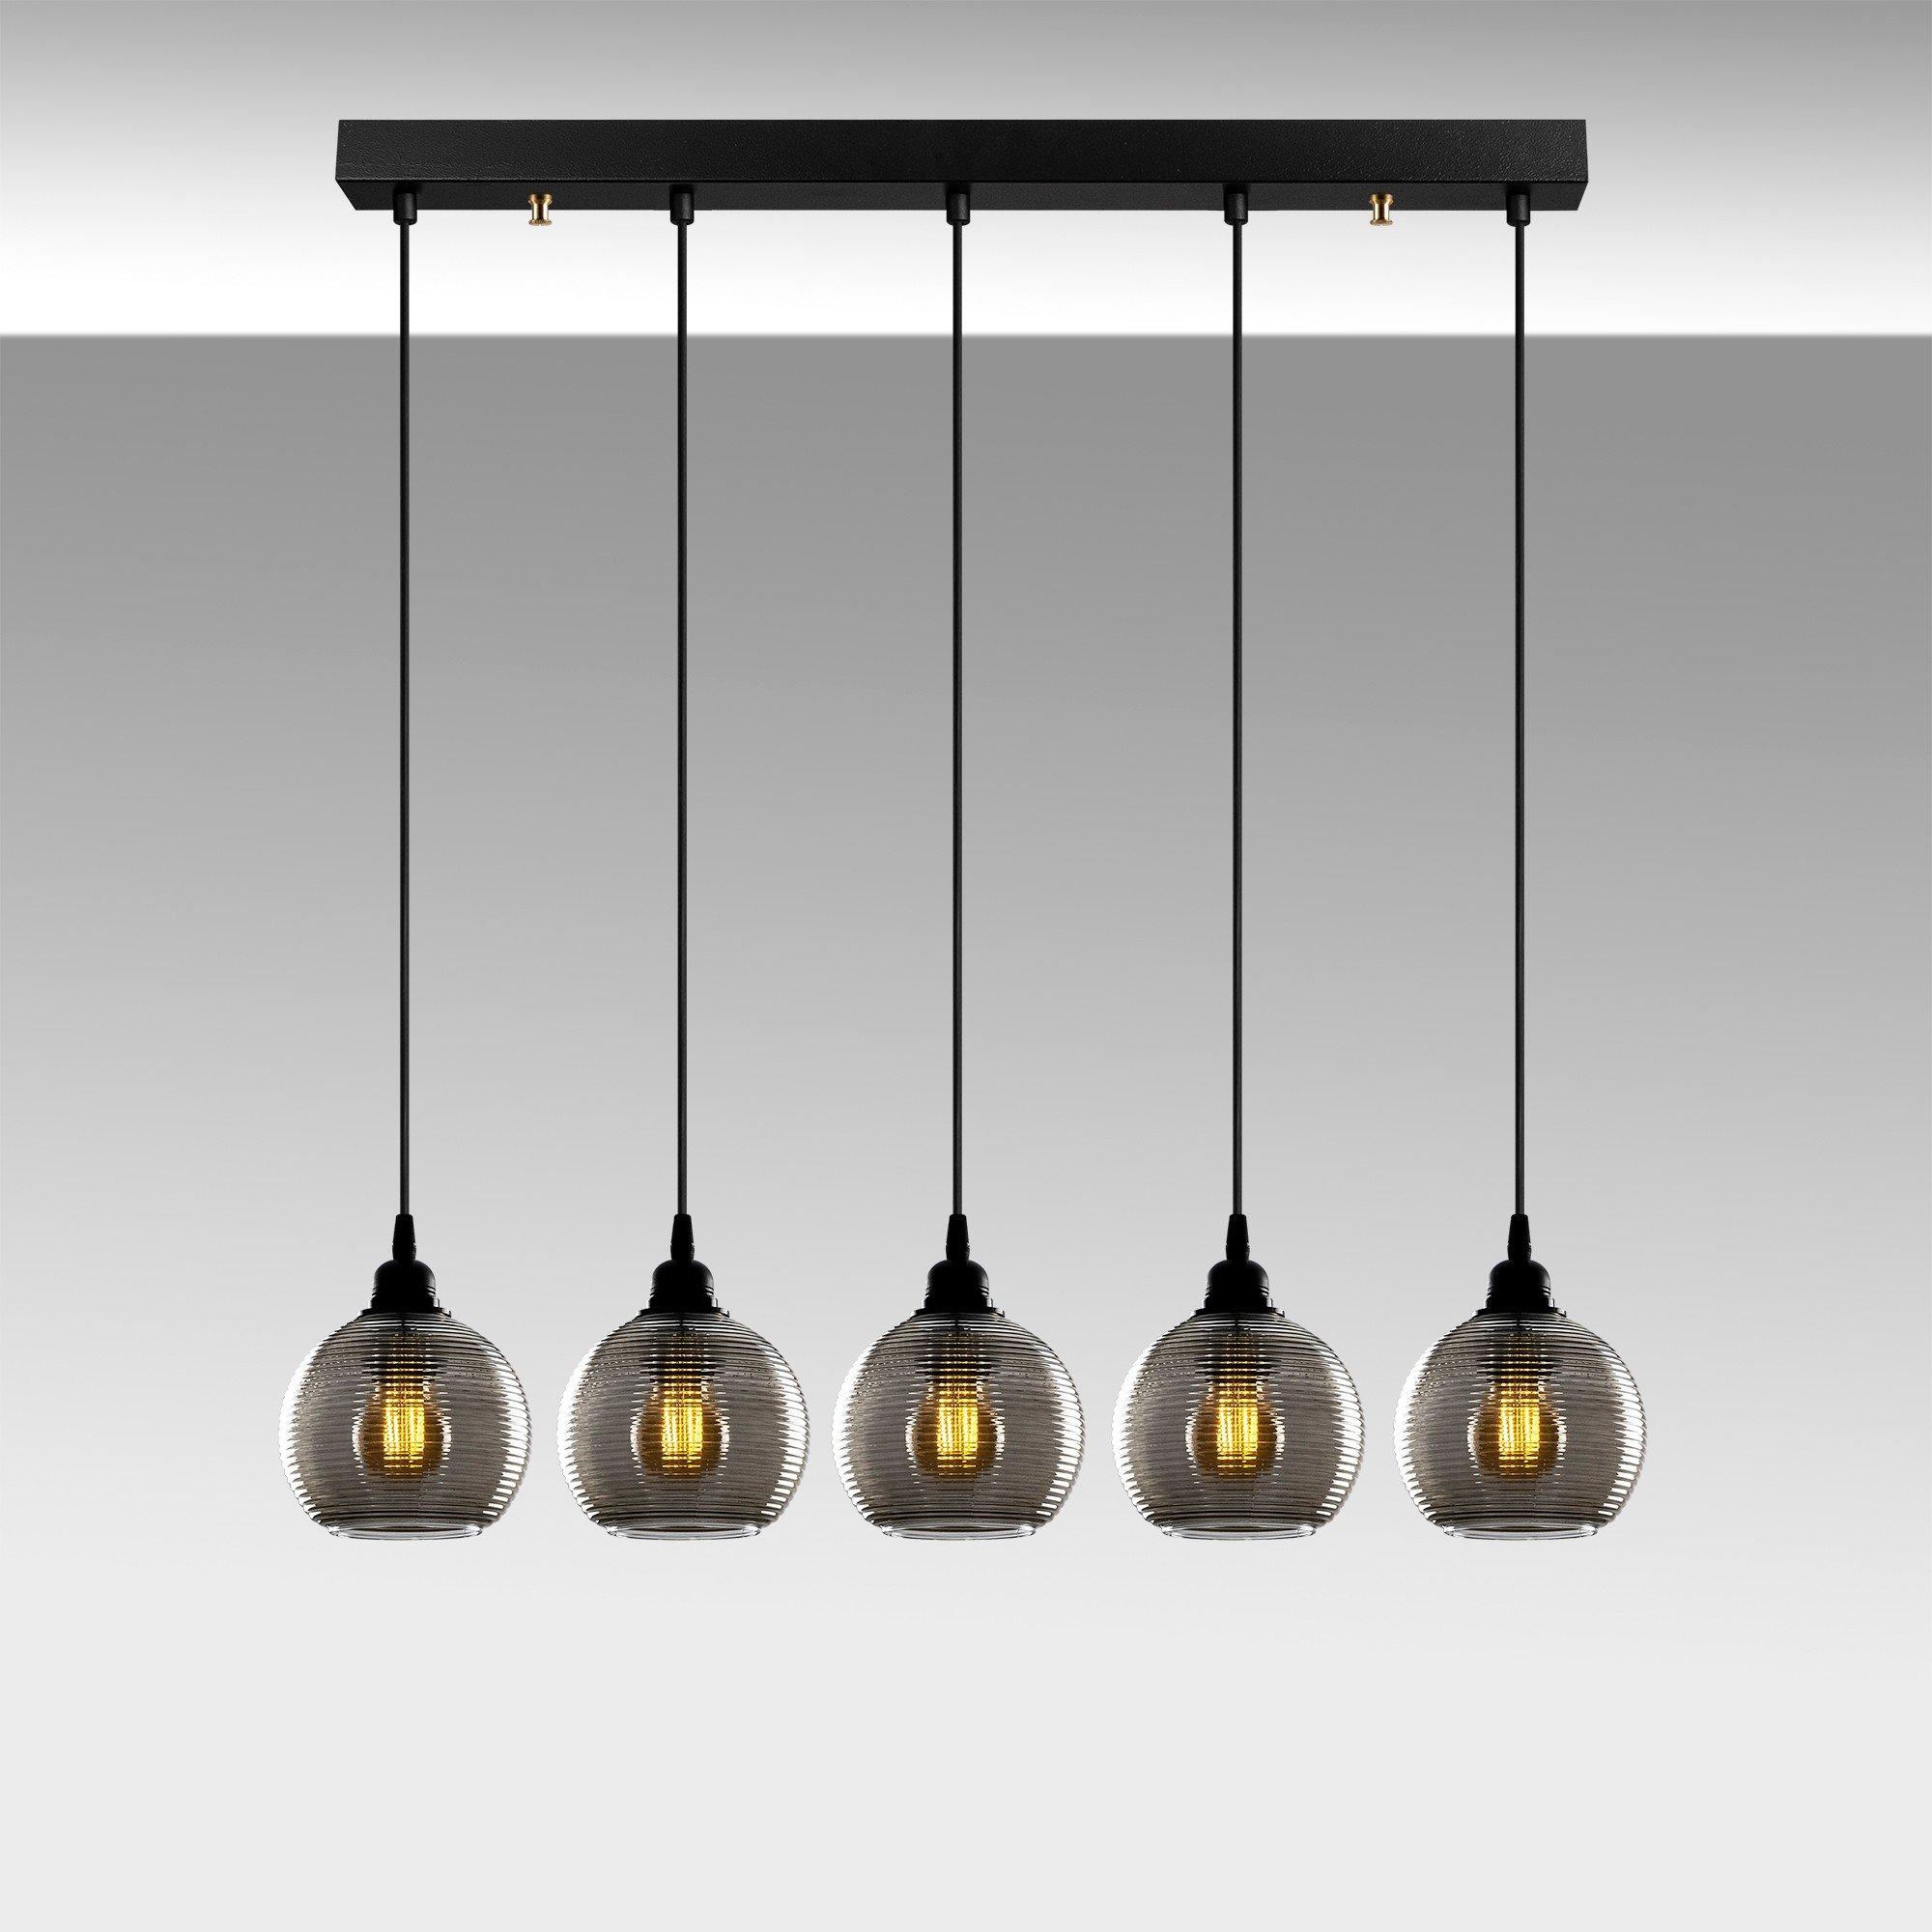 Hanglamp smoked glass lampen zwart 5 keer E27 fitting - sfeerfoto